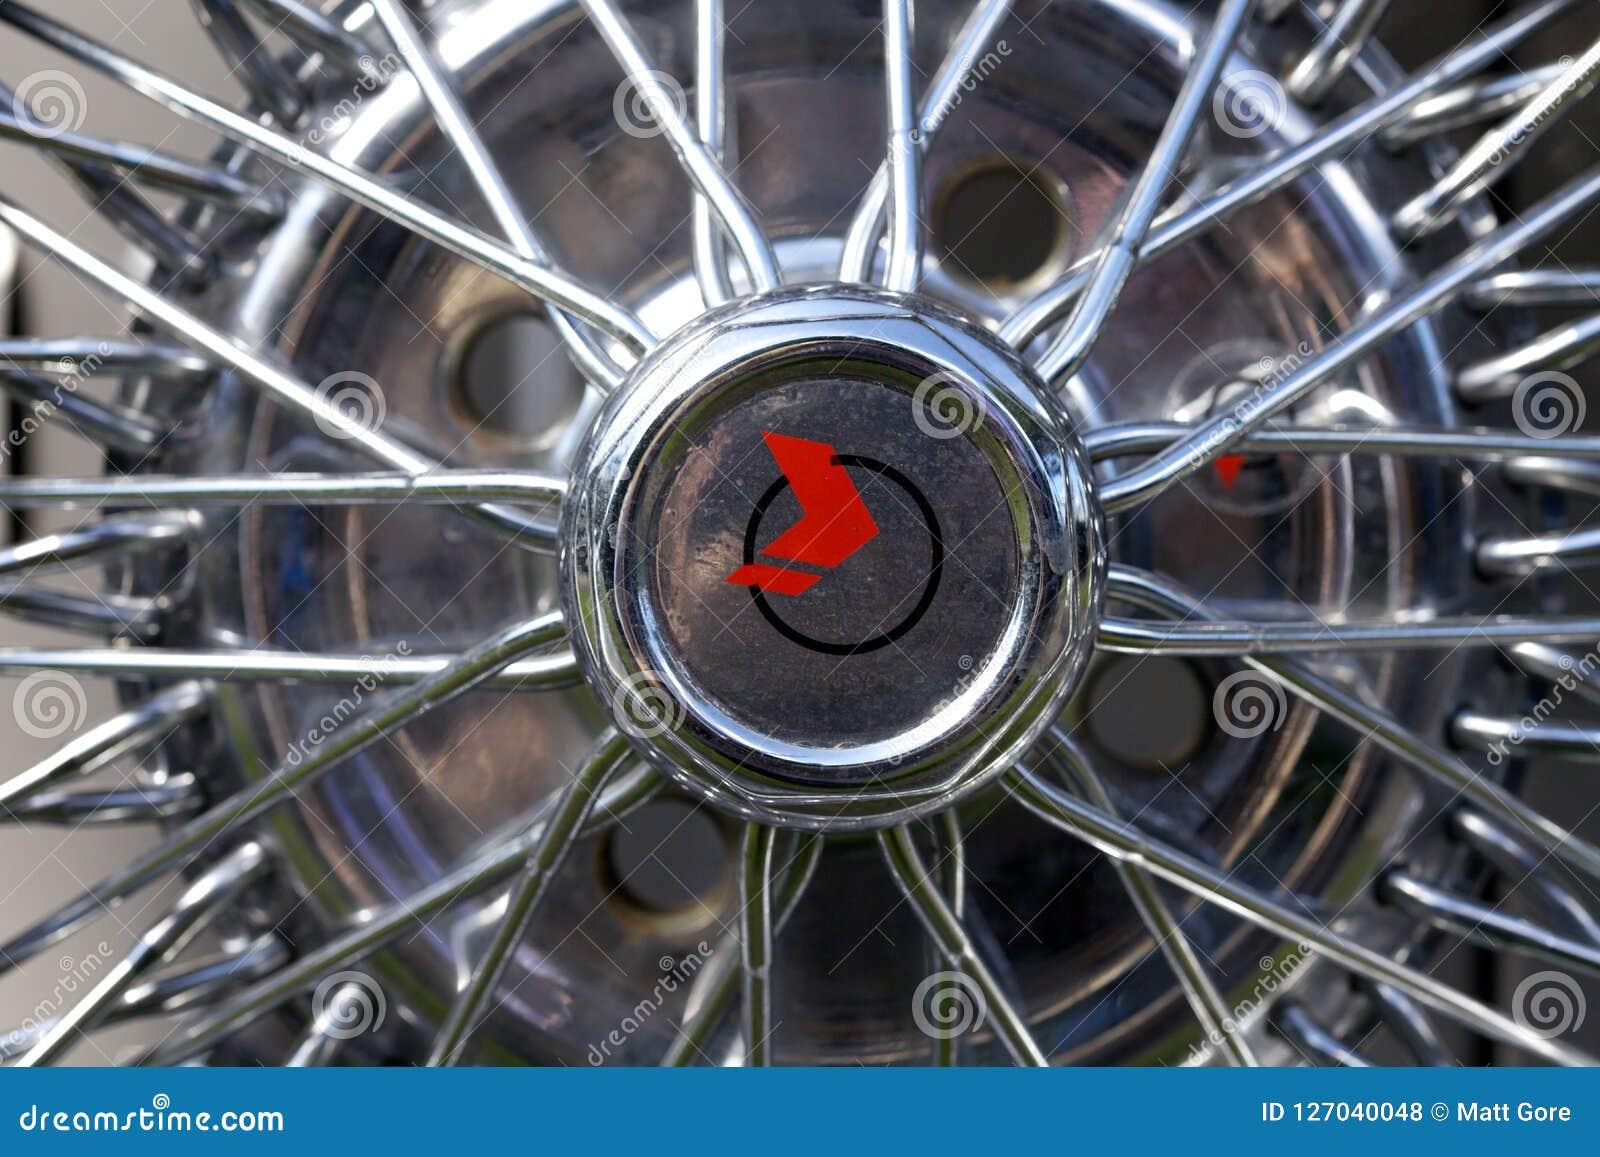 Конец вверх хрома поговорил крышку эпицентра деятельности колеса на классическом автомобиле